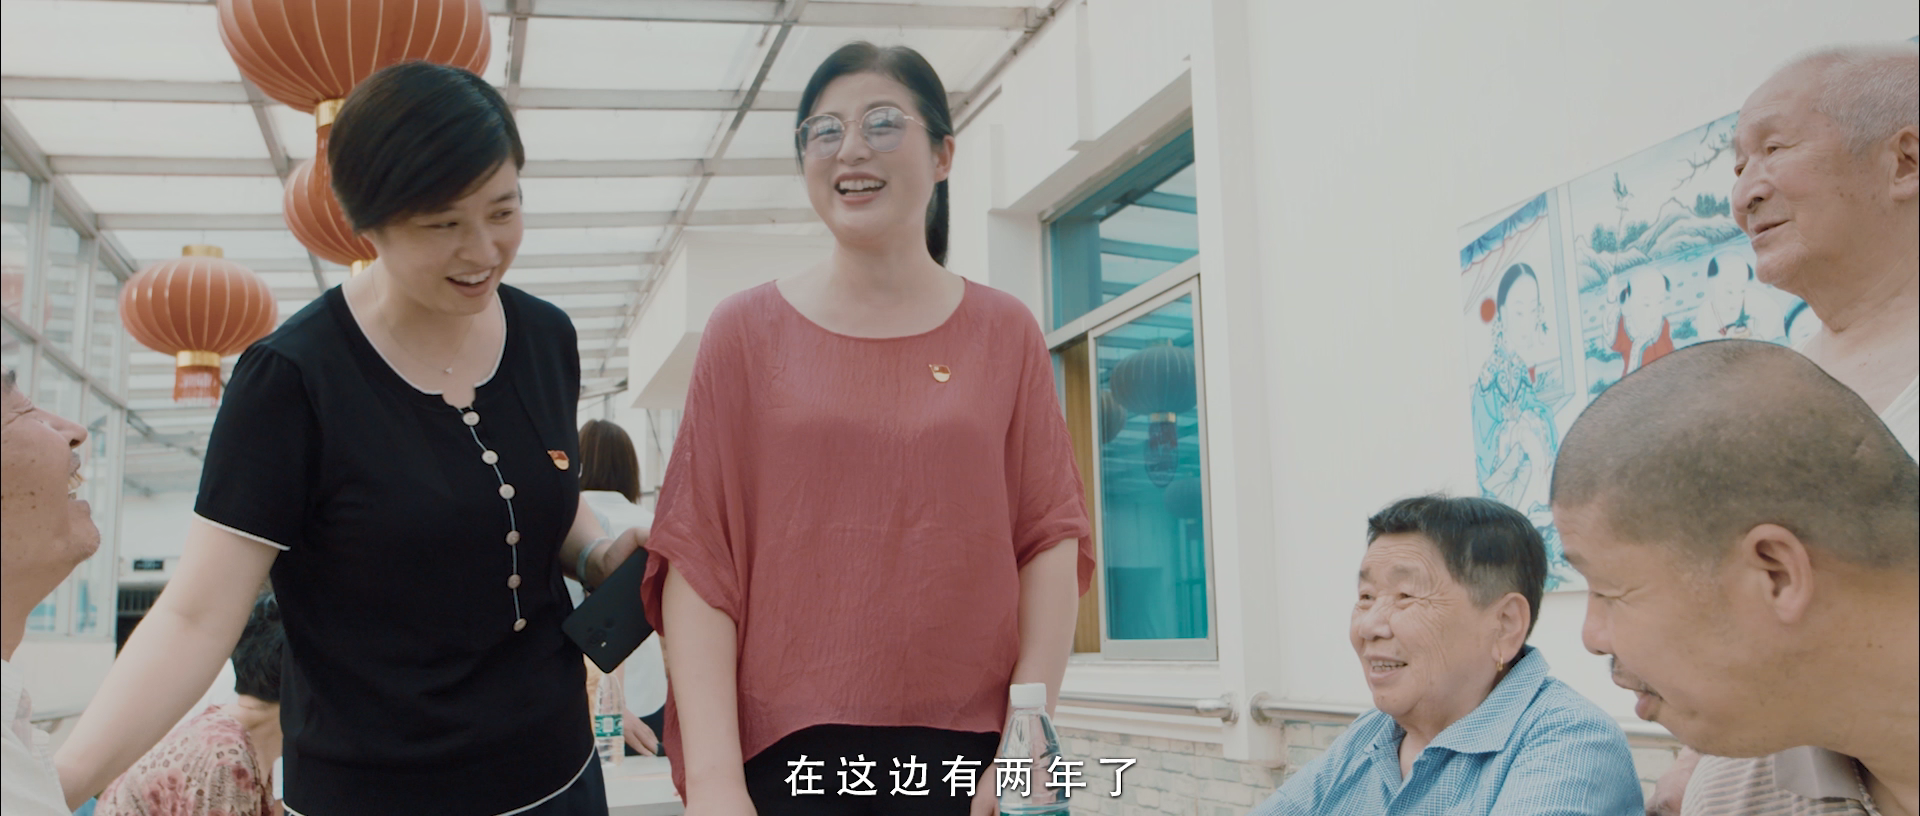 无锡宣传指数—好人中国(严三媛)12分钟[00_11_06][20201117-144448].png